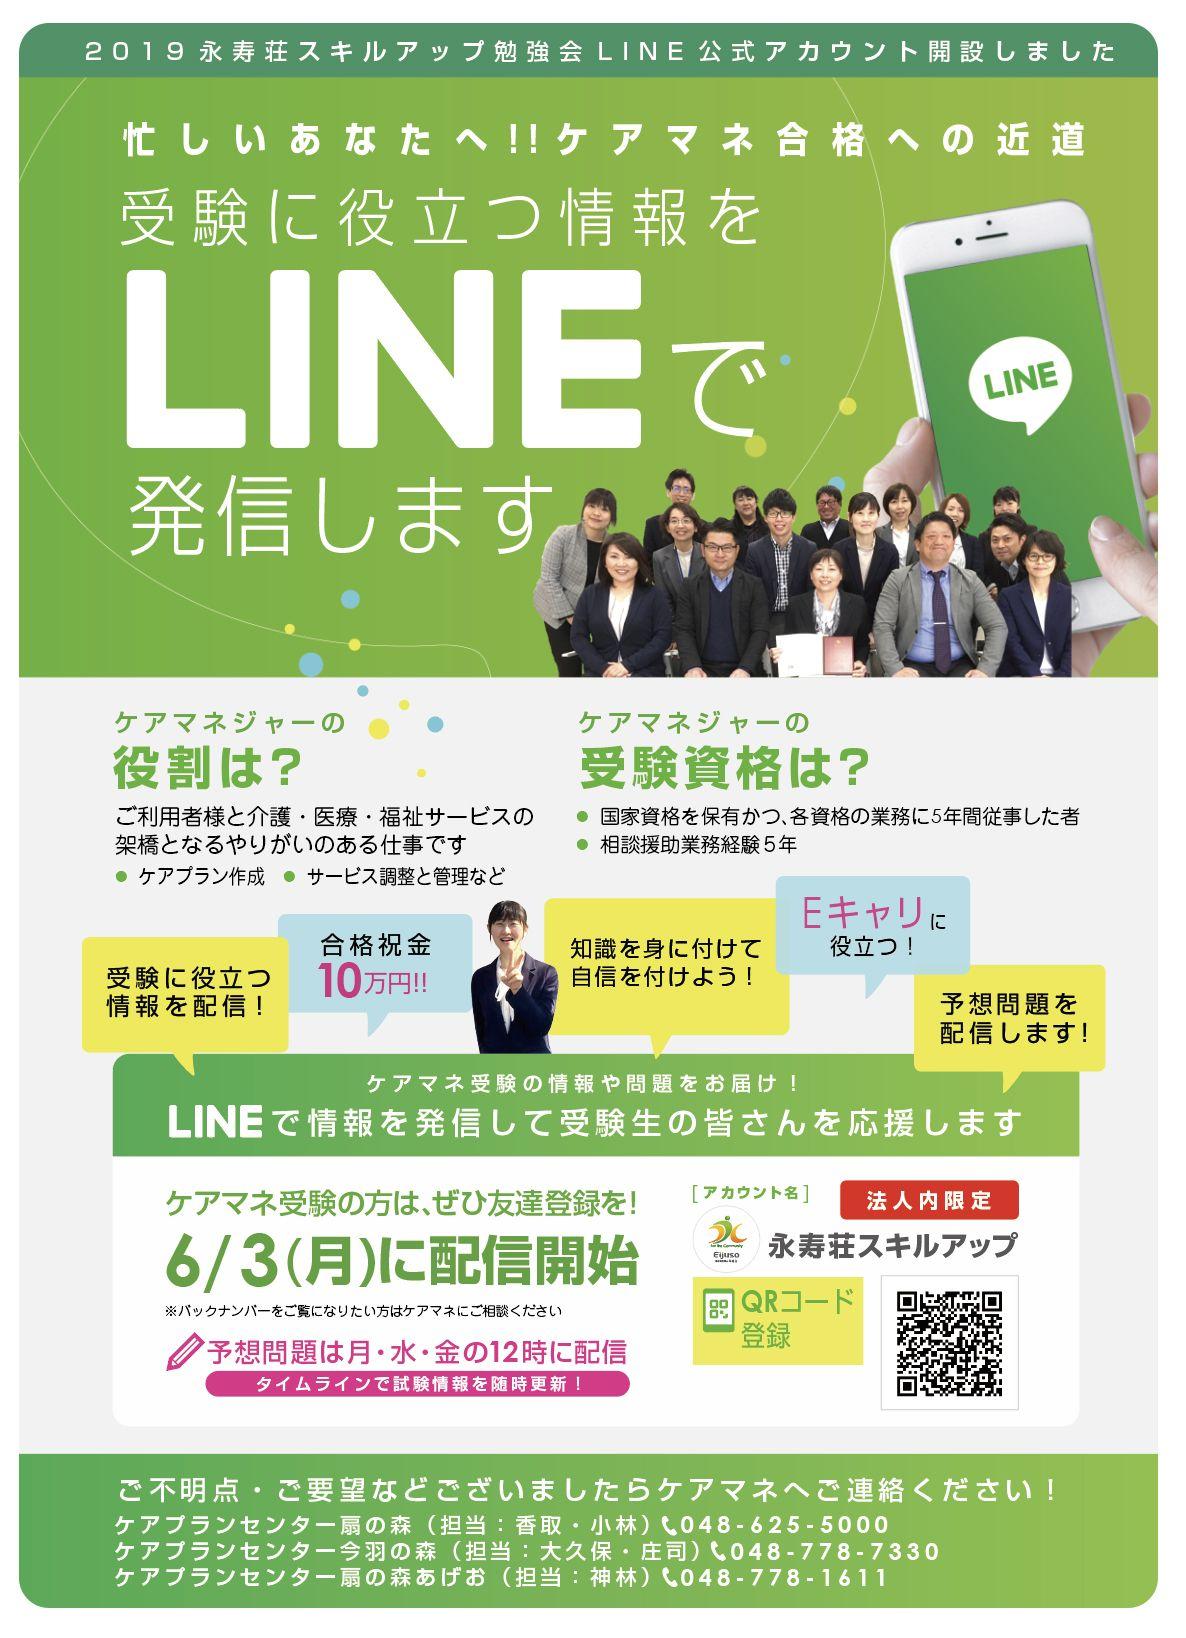 社会福祉法人永寿荘で ケアマネさんを応援するline公式アカウントです